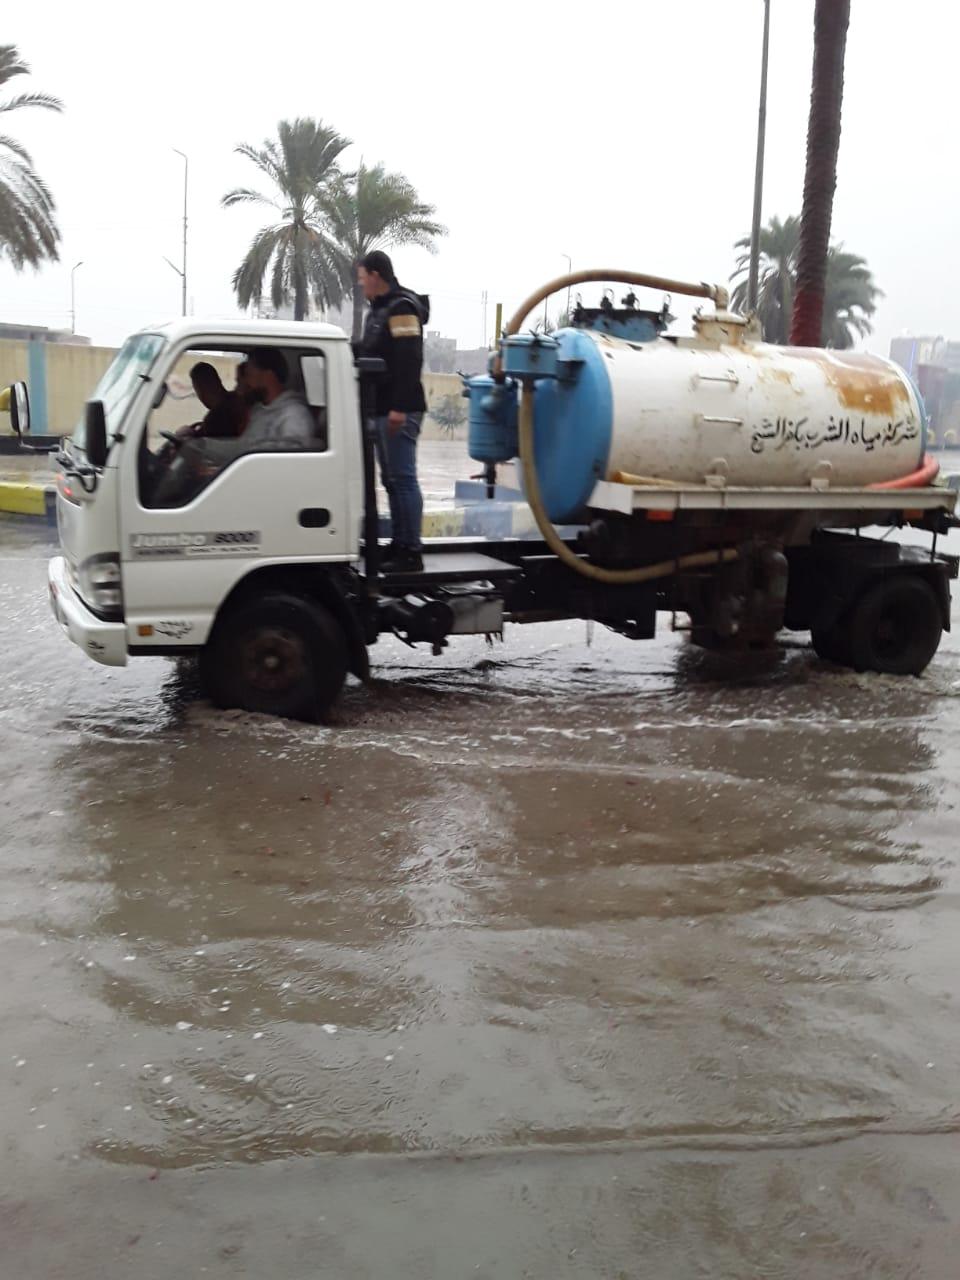 سيارات إضافية لسرعة شفط مياه الأمطار بكفر الشيخ والإسكندرية (6)